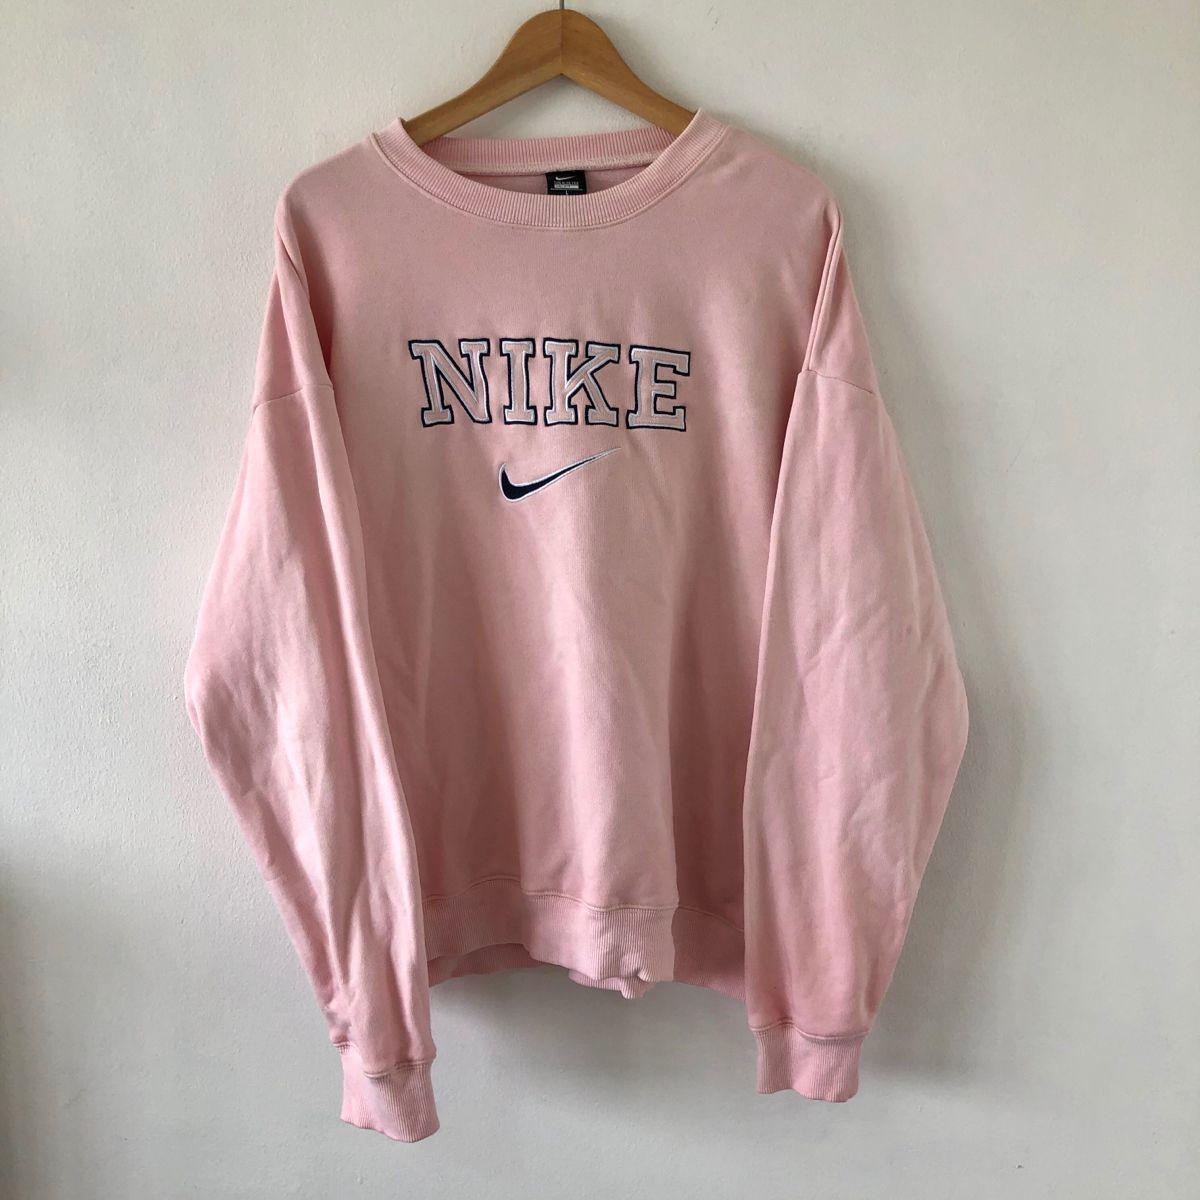 Vintage Nike Sweatshirt Label Size Medium Cream Depop Vintage Nike Sweatshirt Sweatshirt Outfit Vintage Hoodies [ 2230 x 2230 Pixel ]